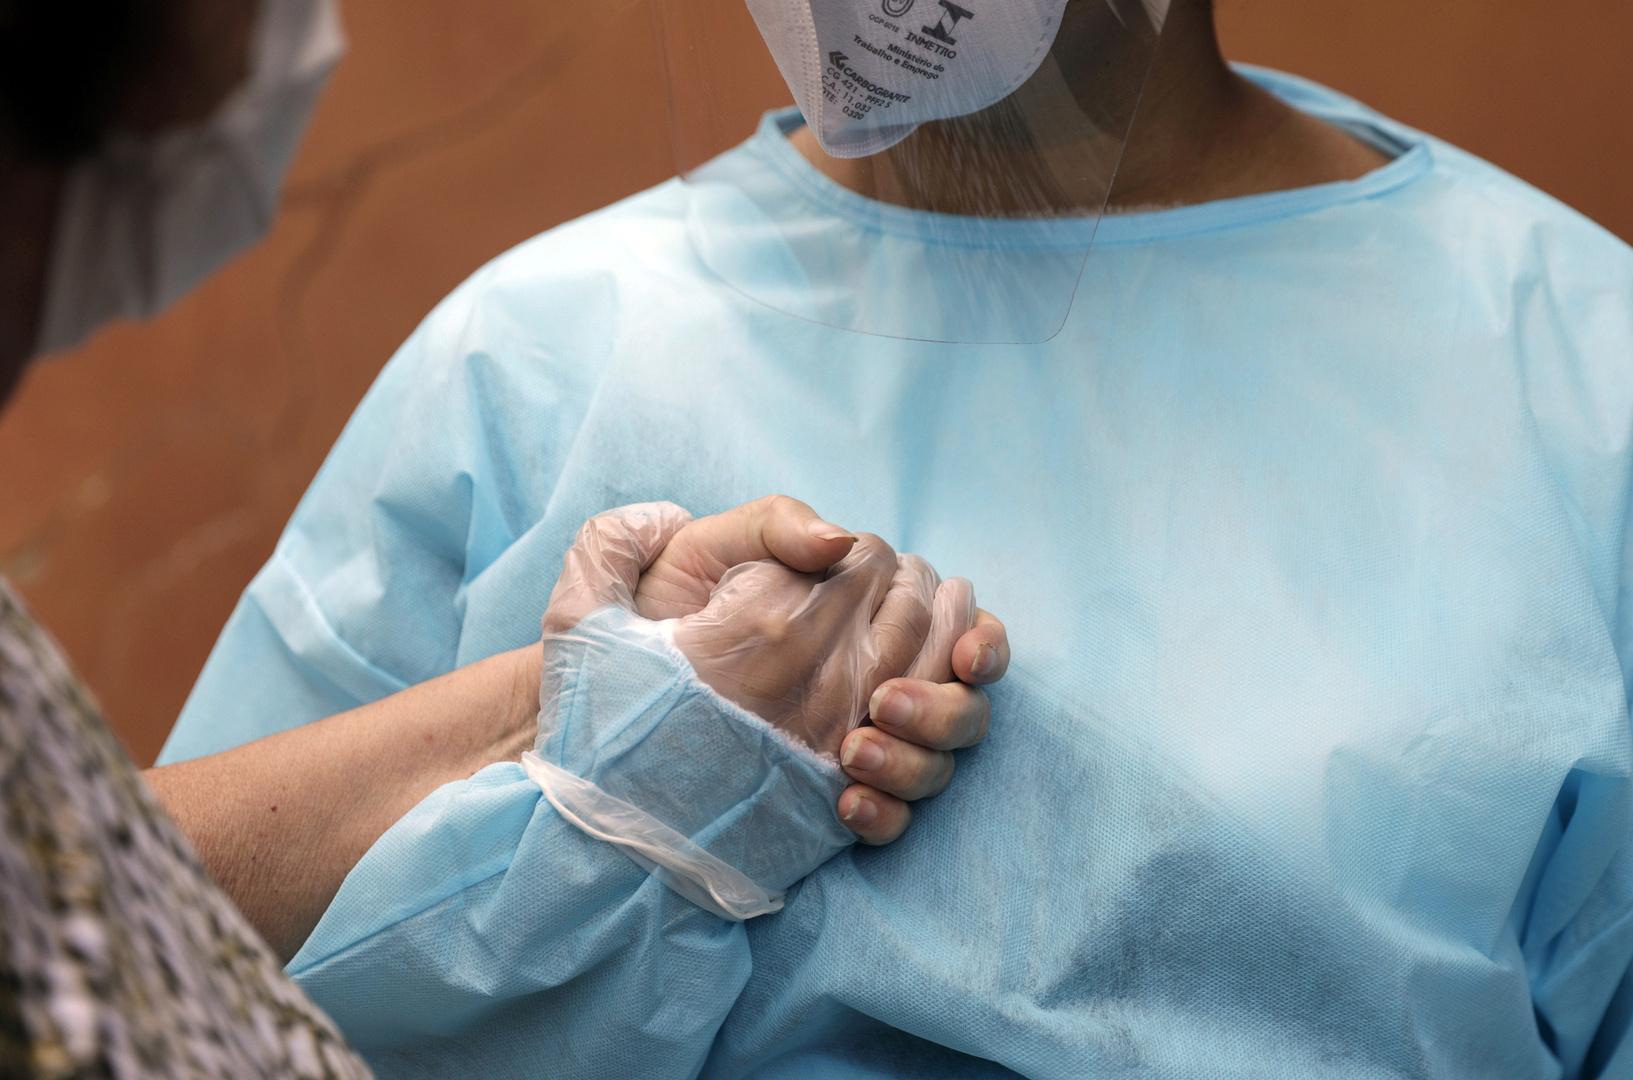 ضحايا كورونا عالميا.. نحو 1.1 مليون وفاة و39 مليون إصابة